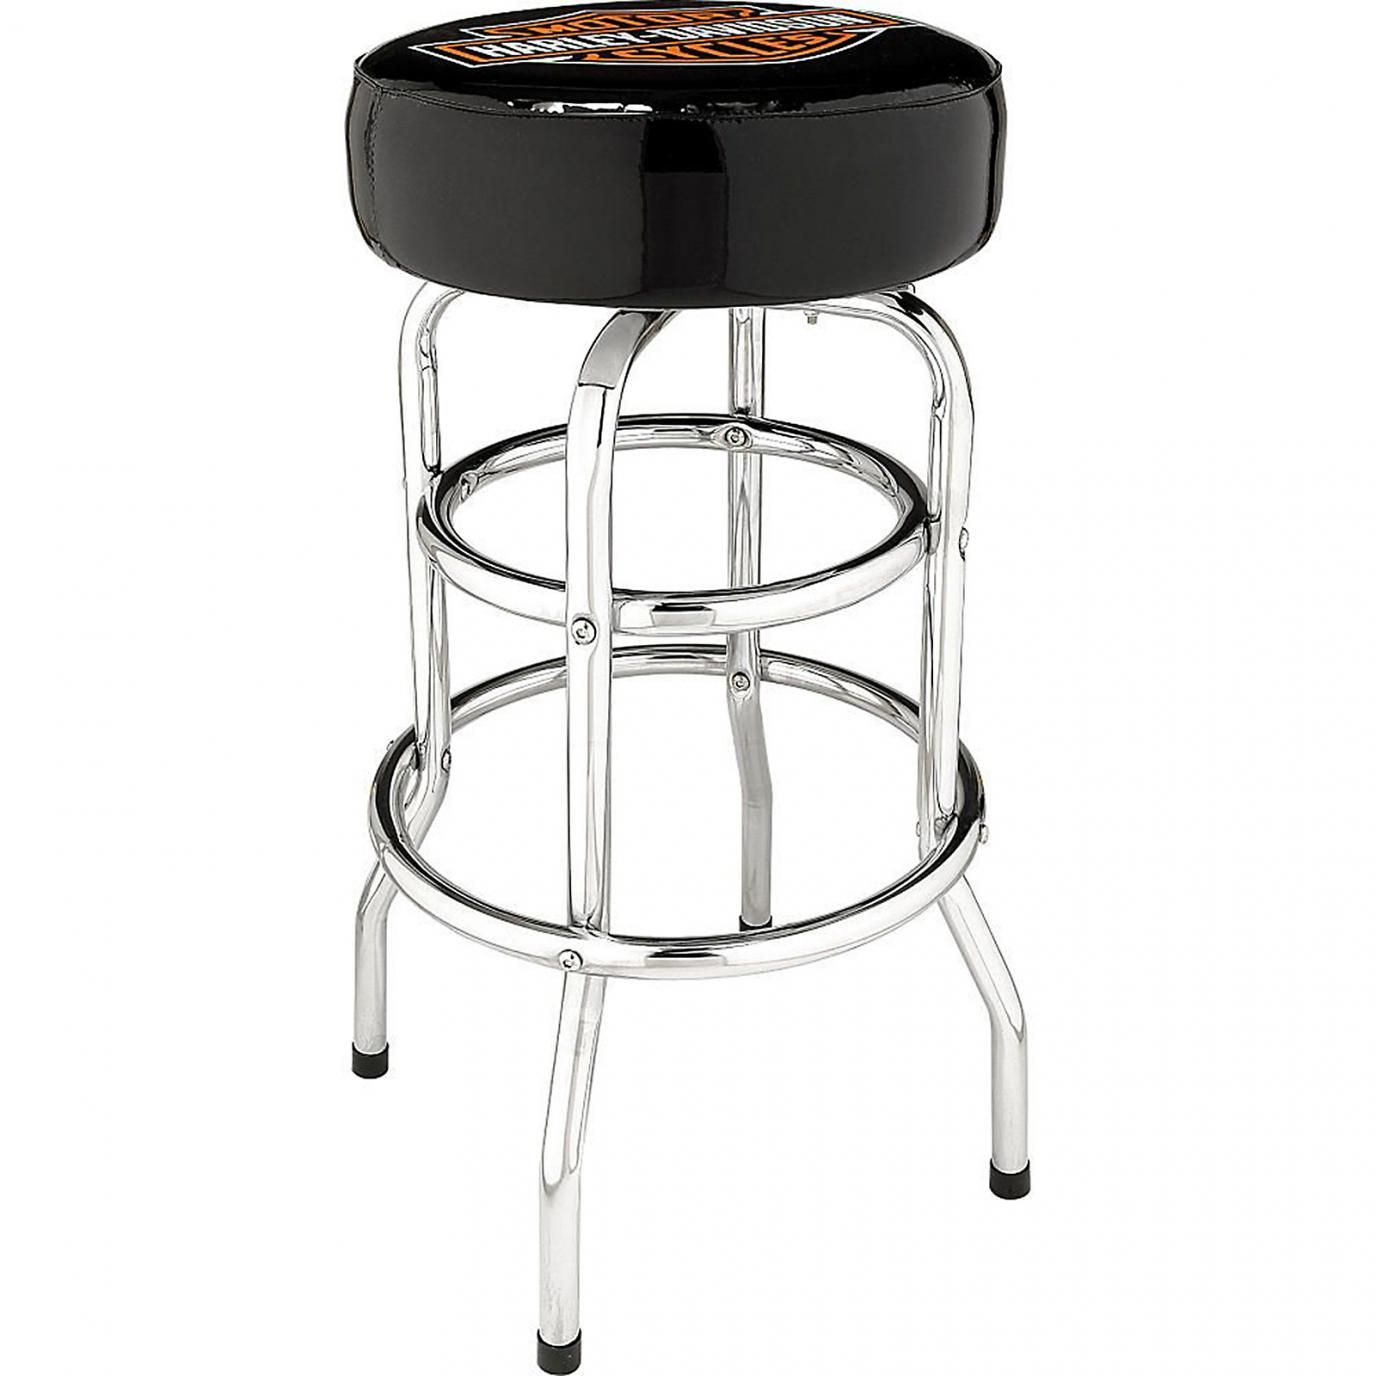 50+ Bar Stools Wichita Ks   Modern Furniture Cheap Check More At Http:/